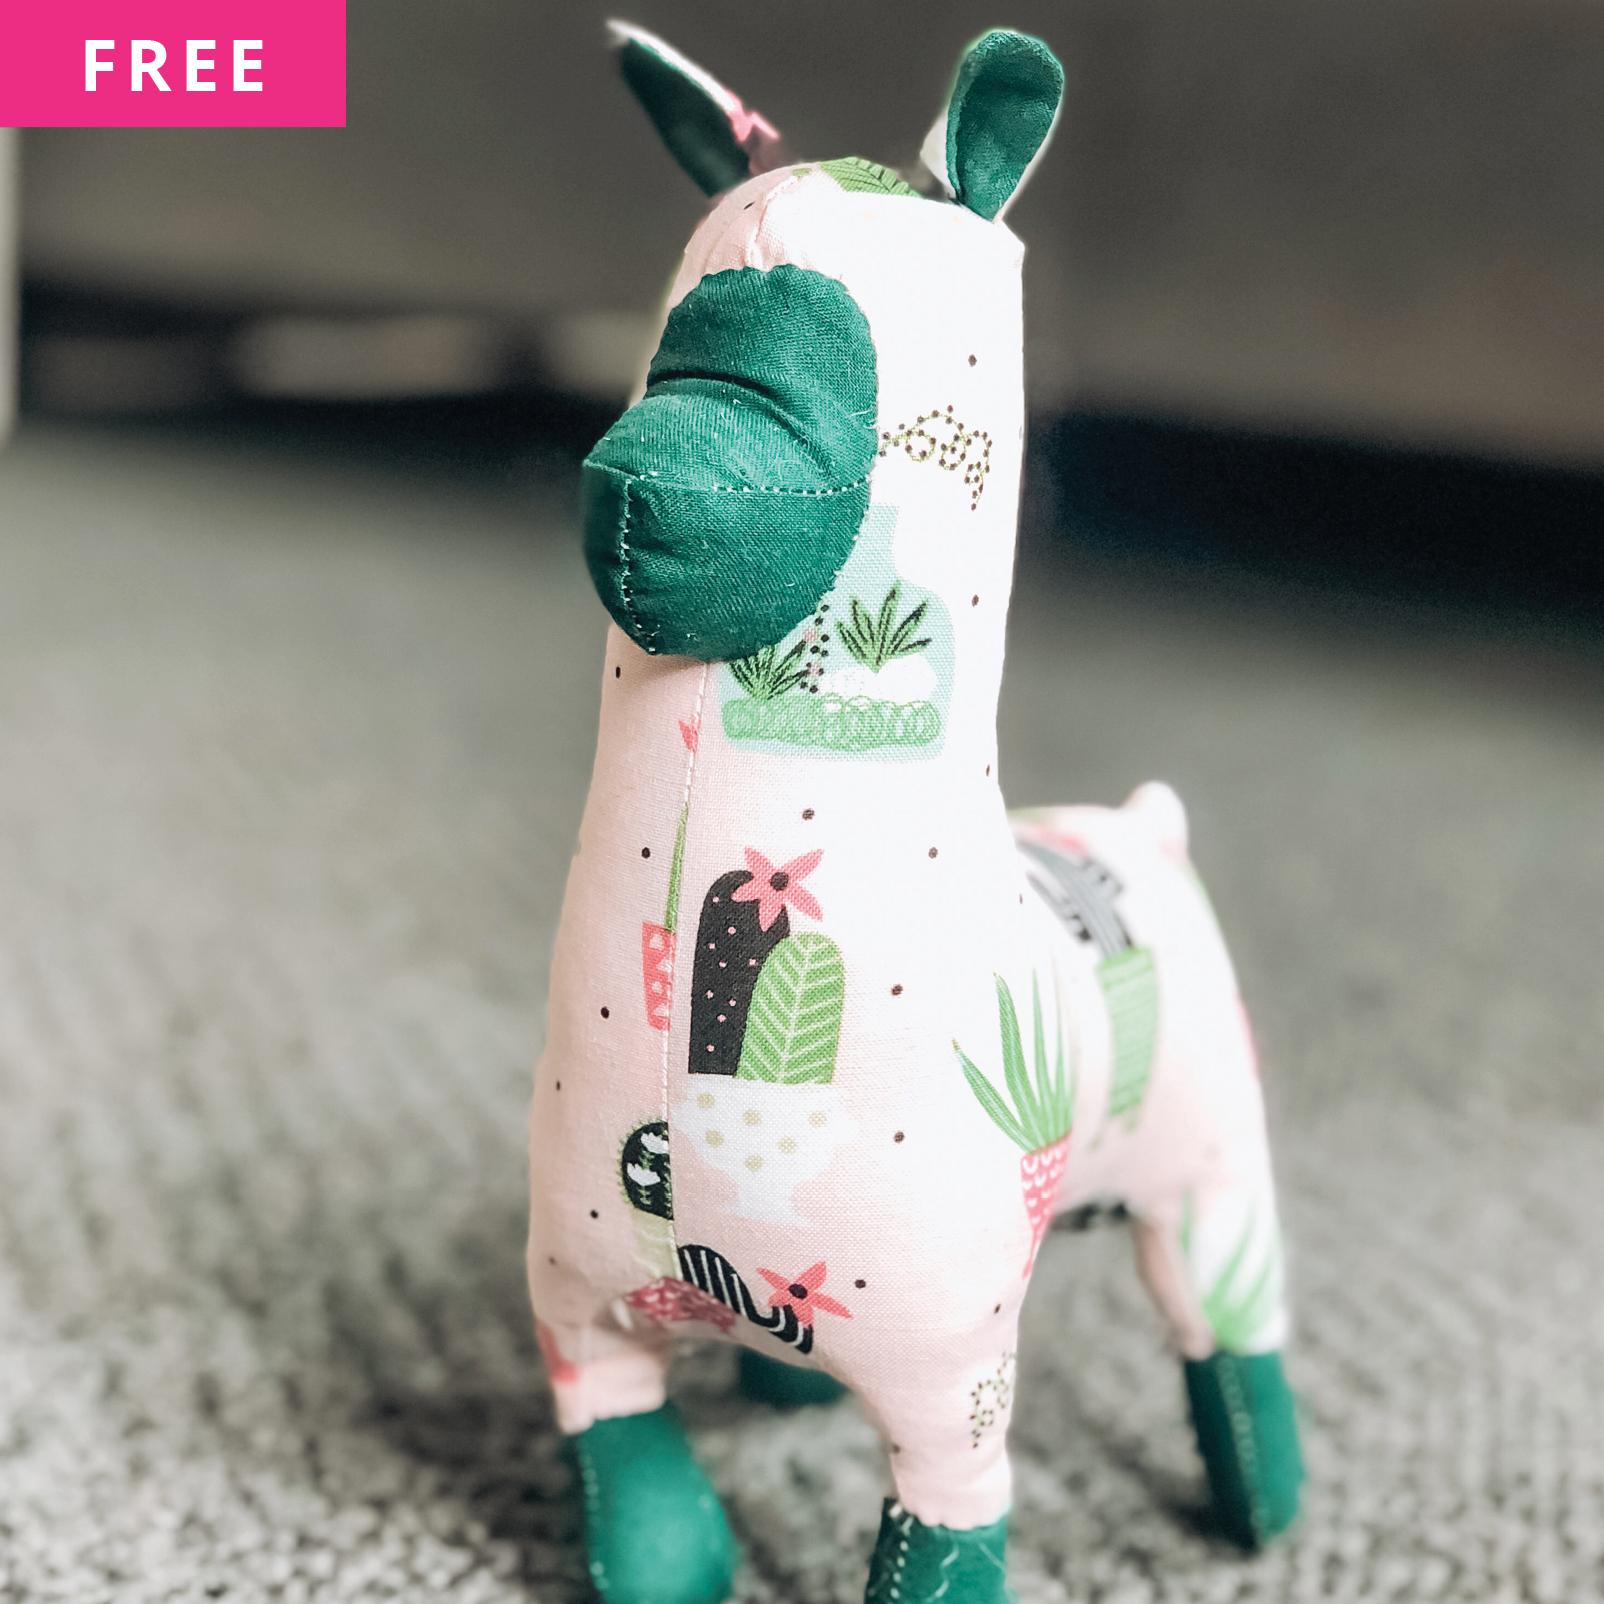 Free Sewing Pattern - Llama Stuffed Animal